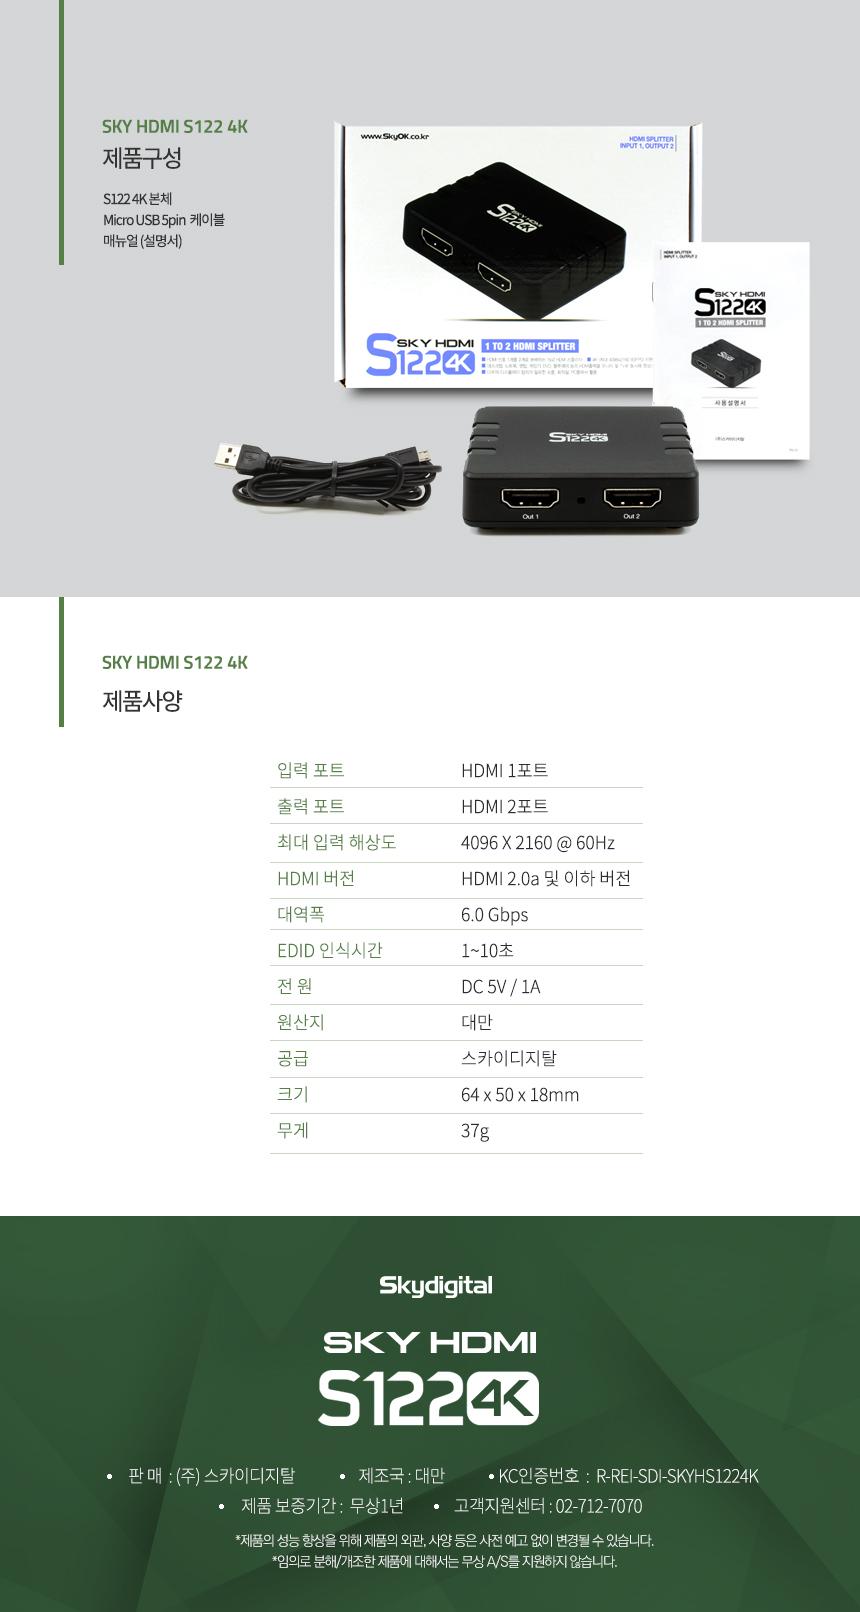 스카이디지탈 슈퍼캐스트 T6 USB 2.0 HDMI +SKY HDMI S122 4K